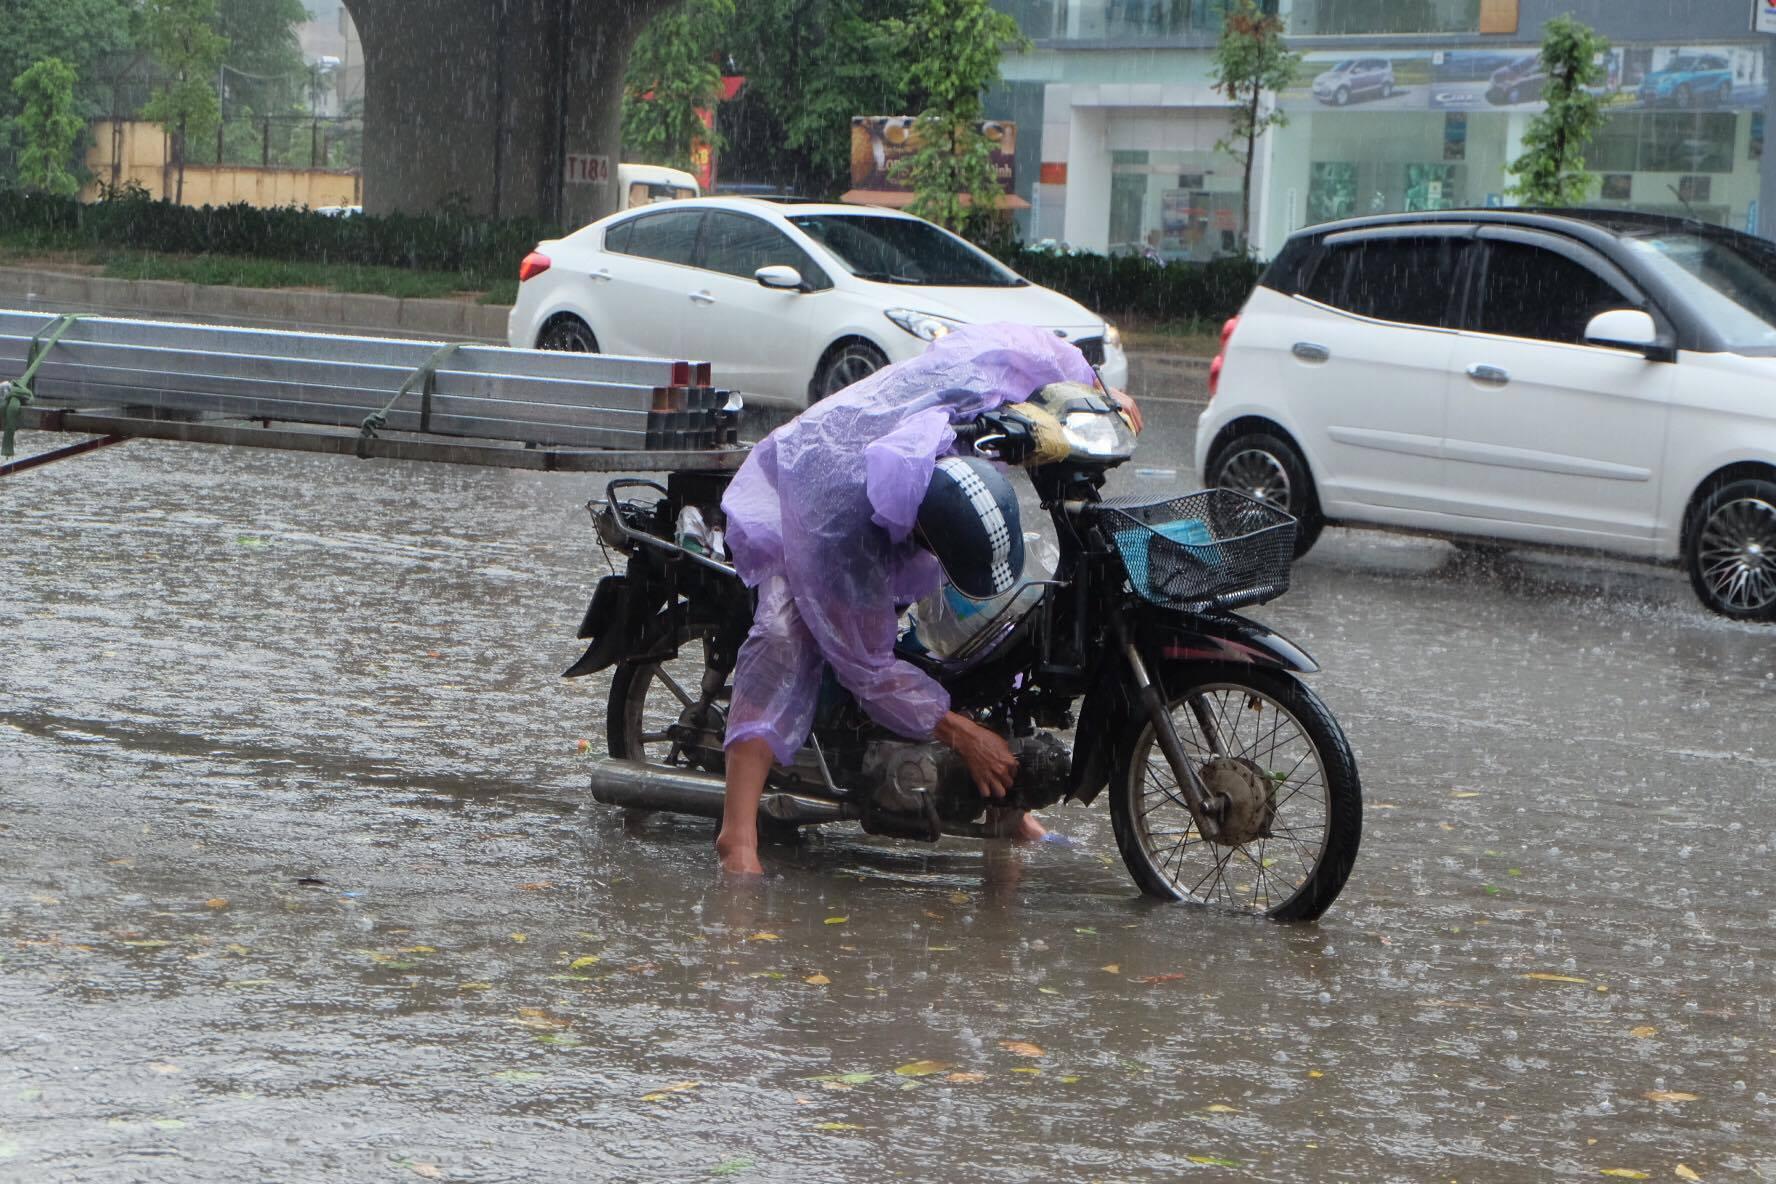 Người dân từ các tỉnh đổ về Thủ đô chật vật di chuyển trong mưa lớn sau kì nghỉ lễ kéo dài - Ảnh 7.